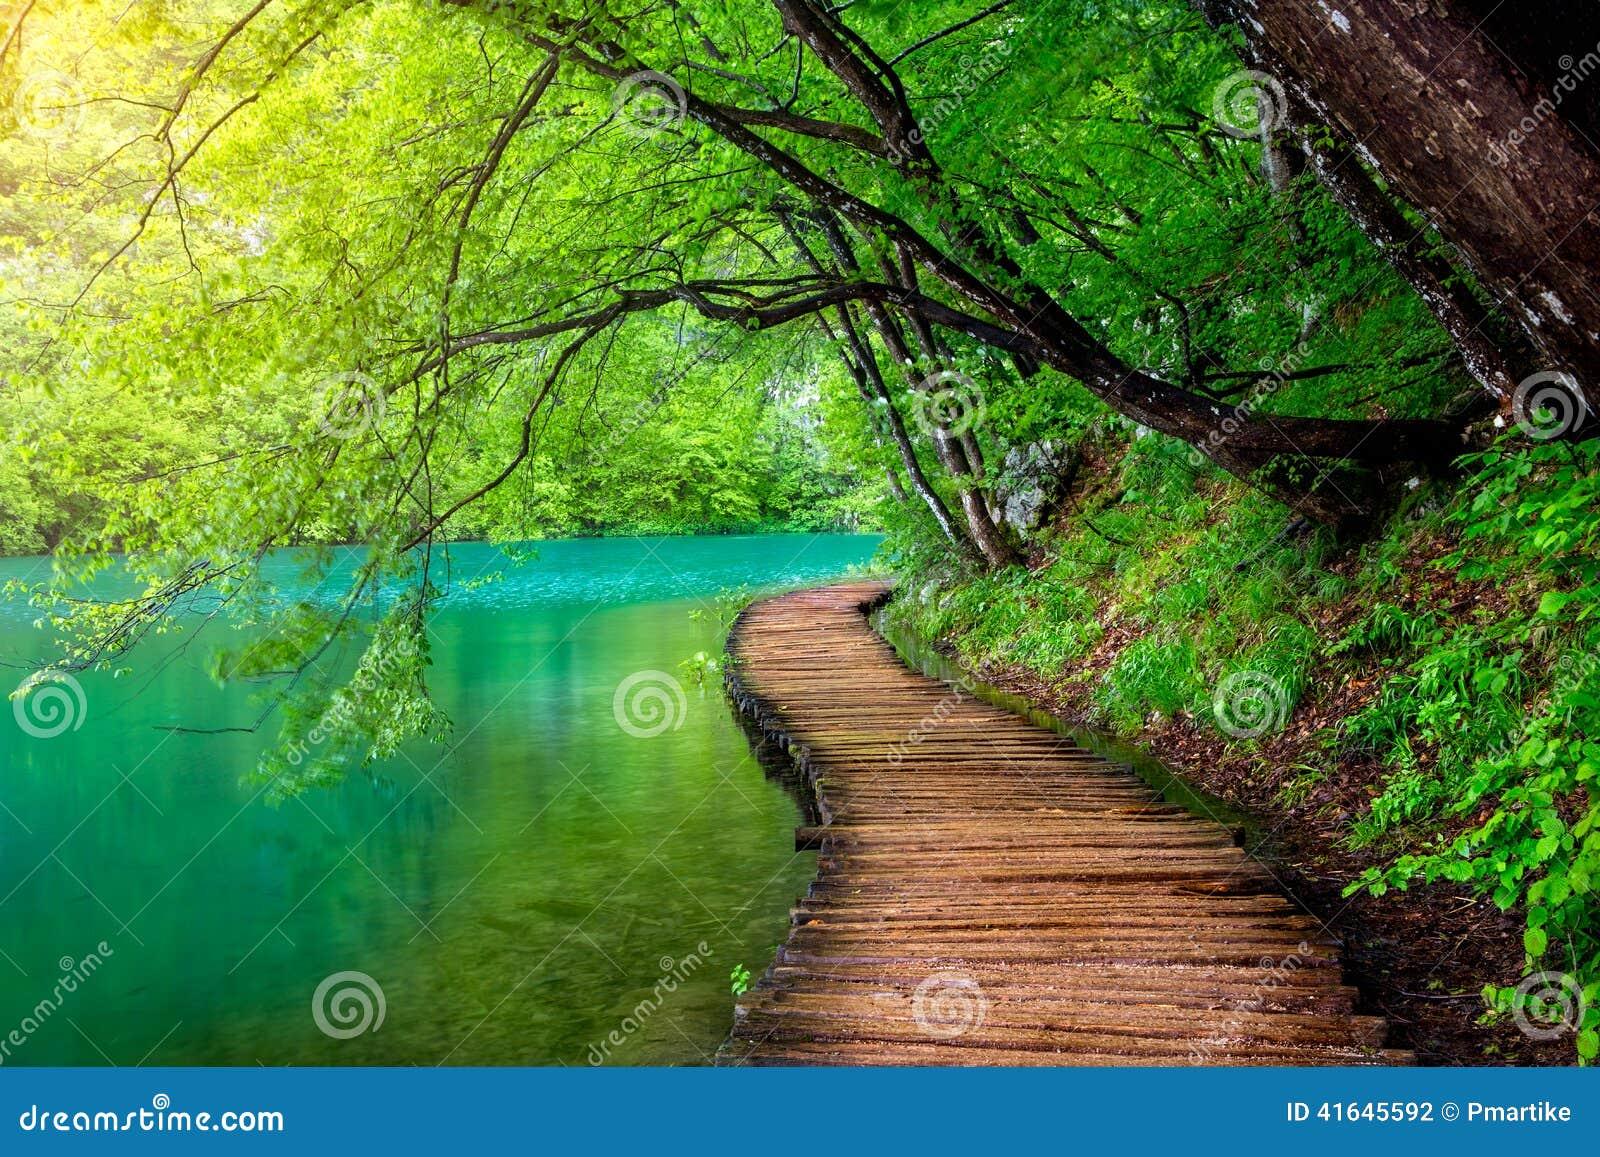 Głęboki lasowy strumień z kryształem - jasna woda w świetle słonecznym